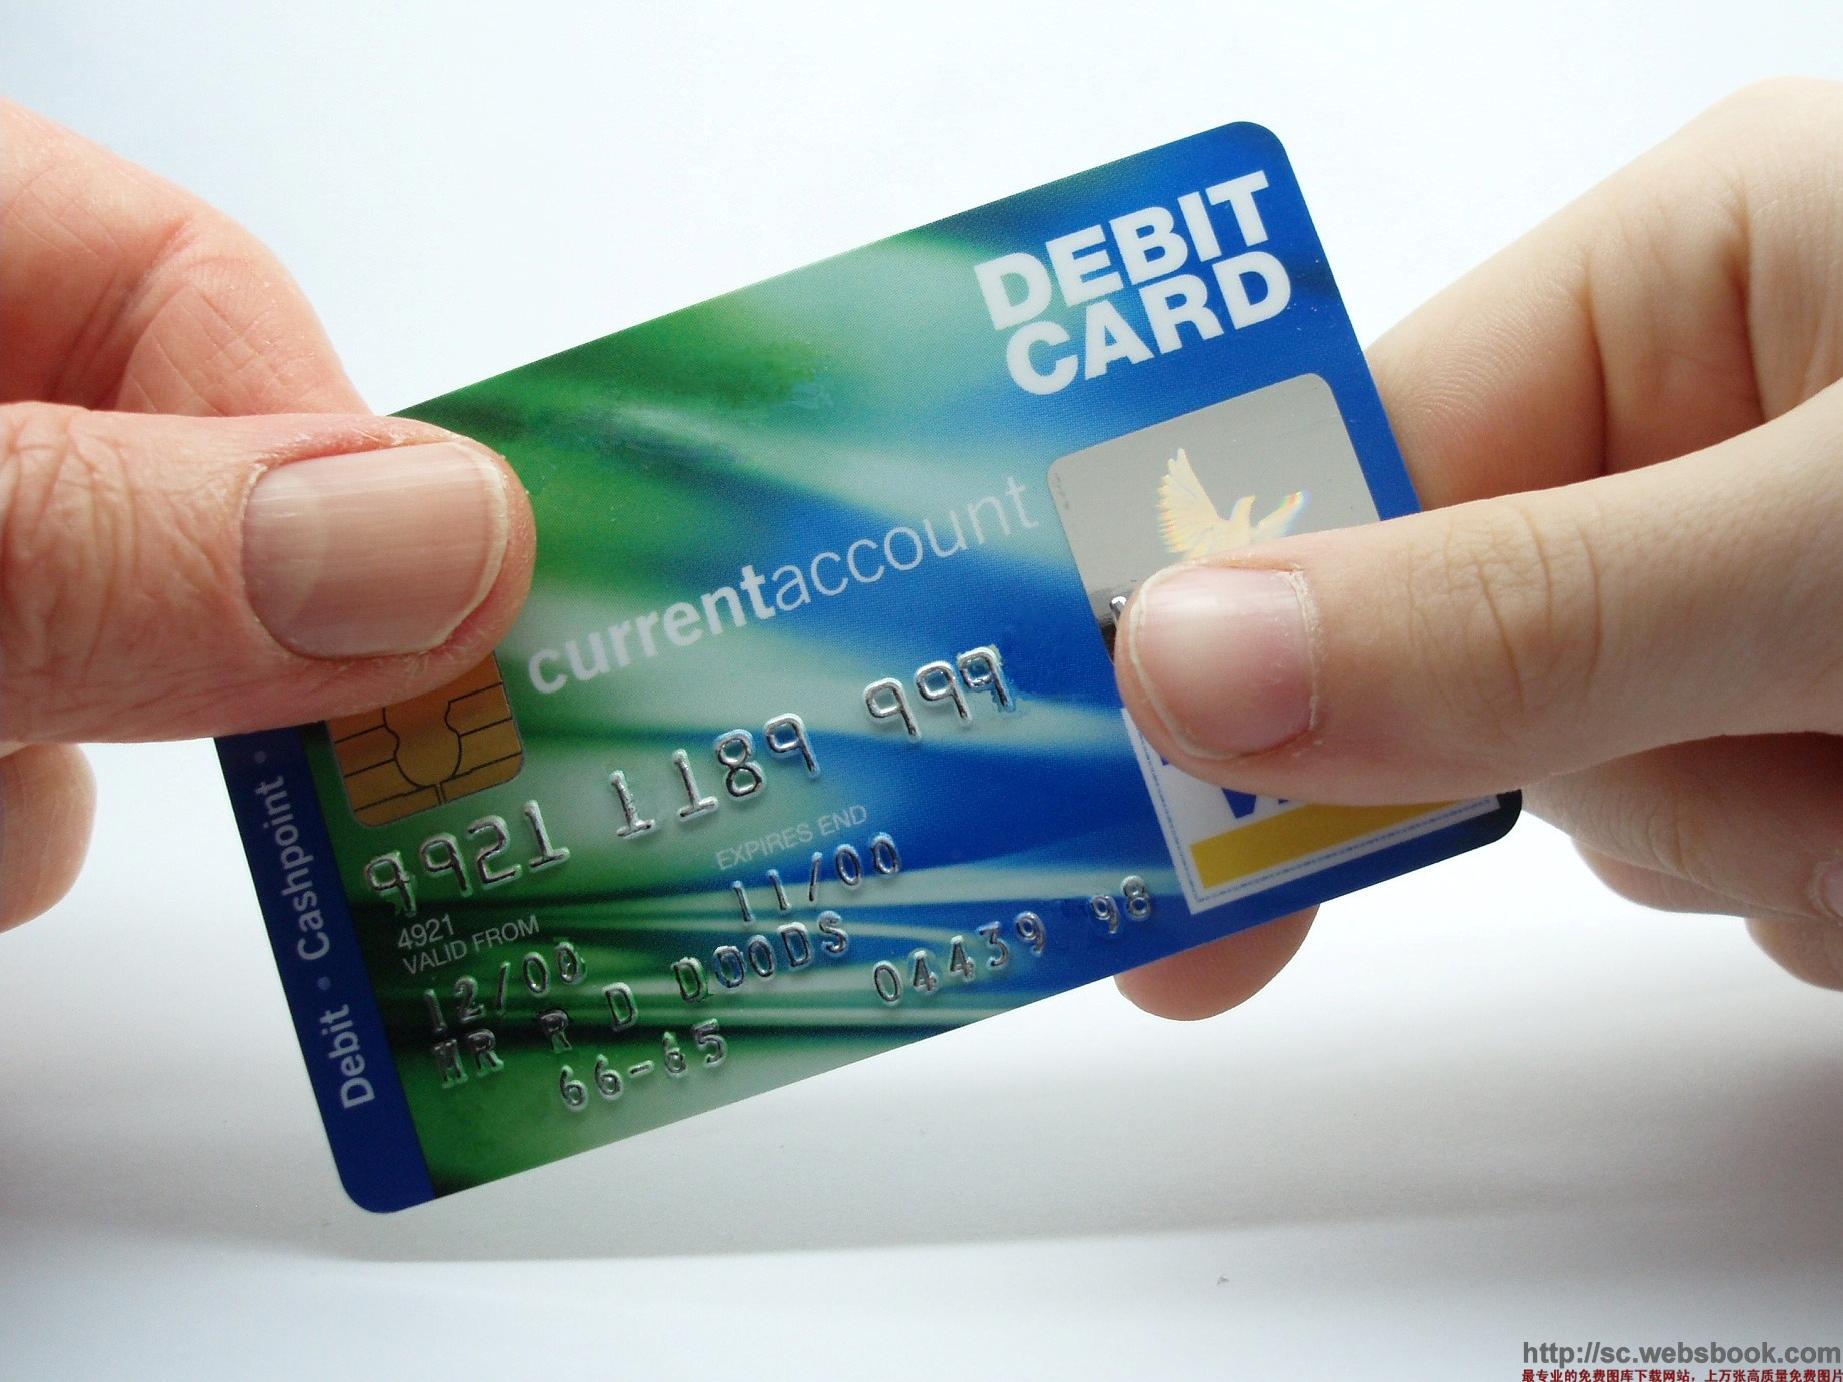 信用卡销卡后 再申请会有什么影响?